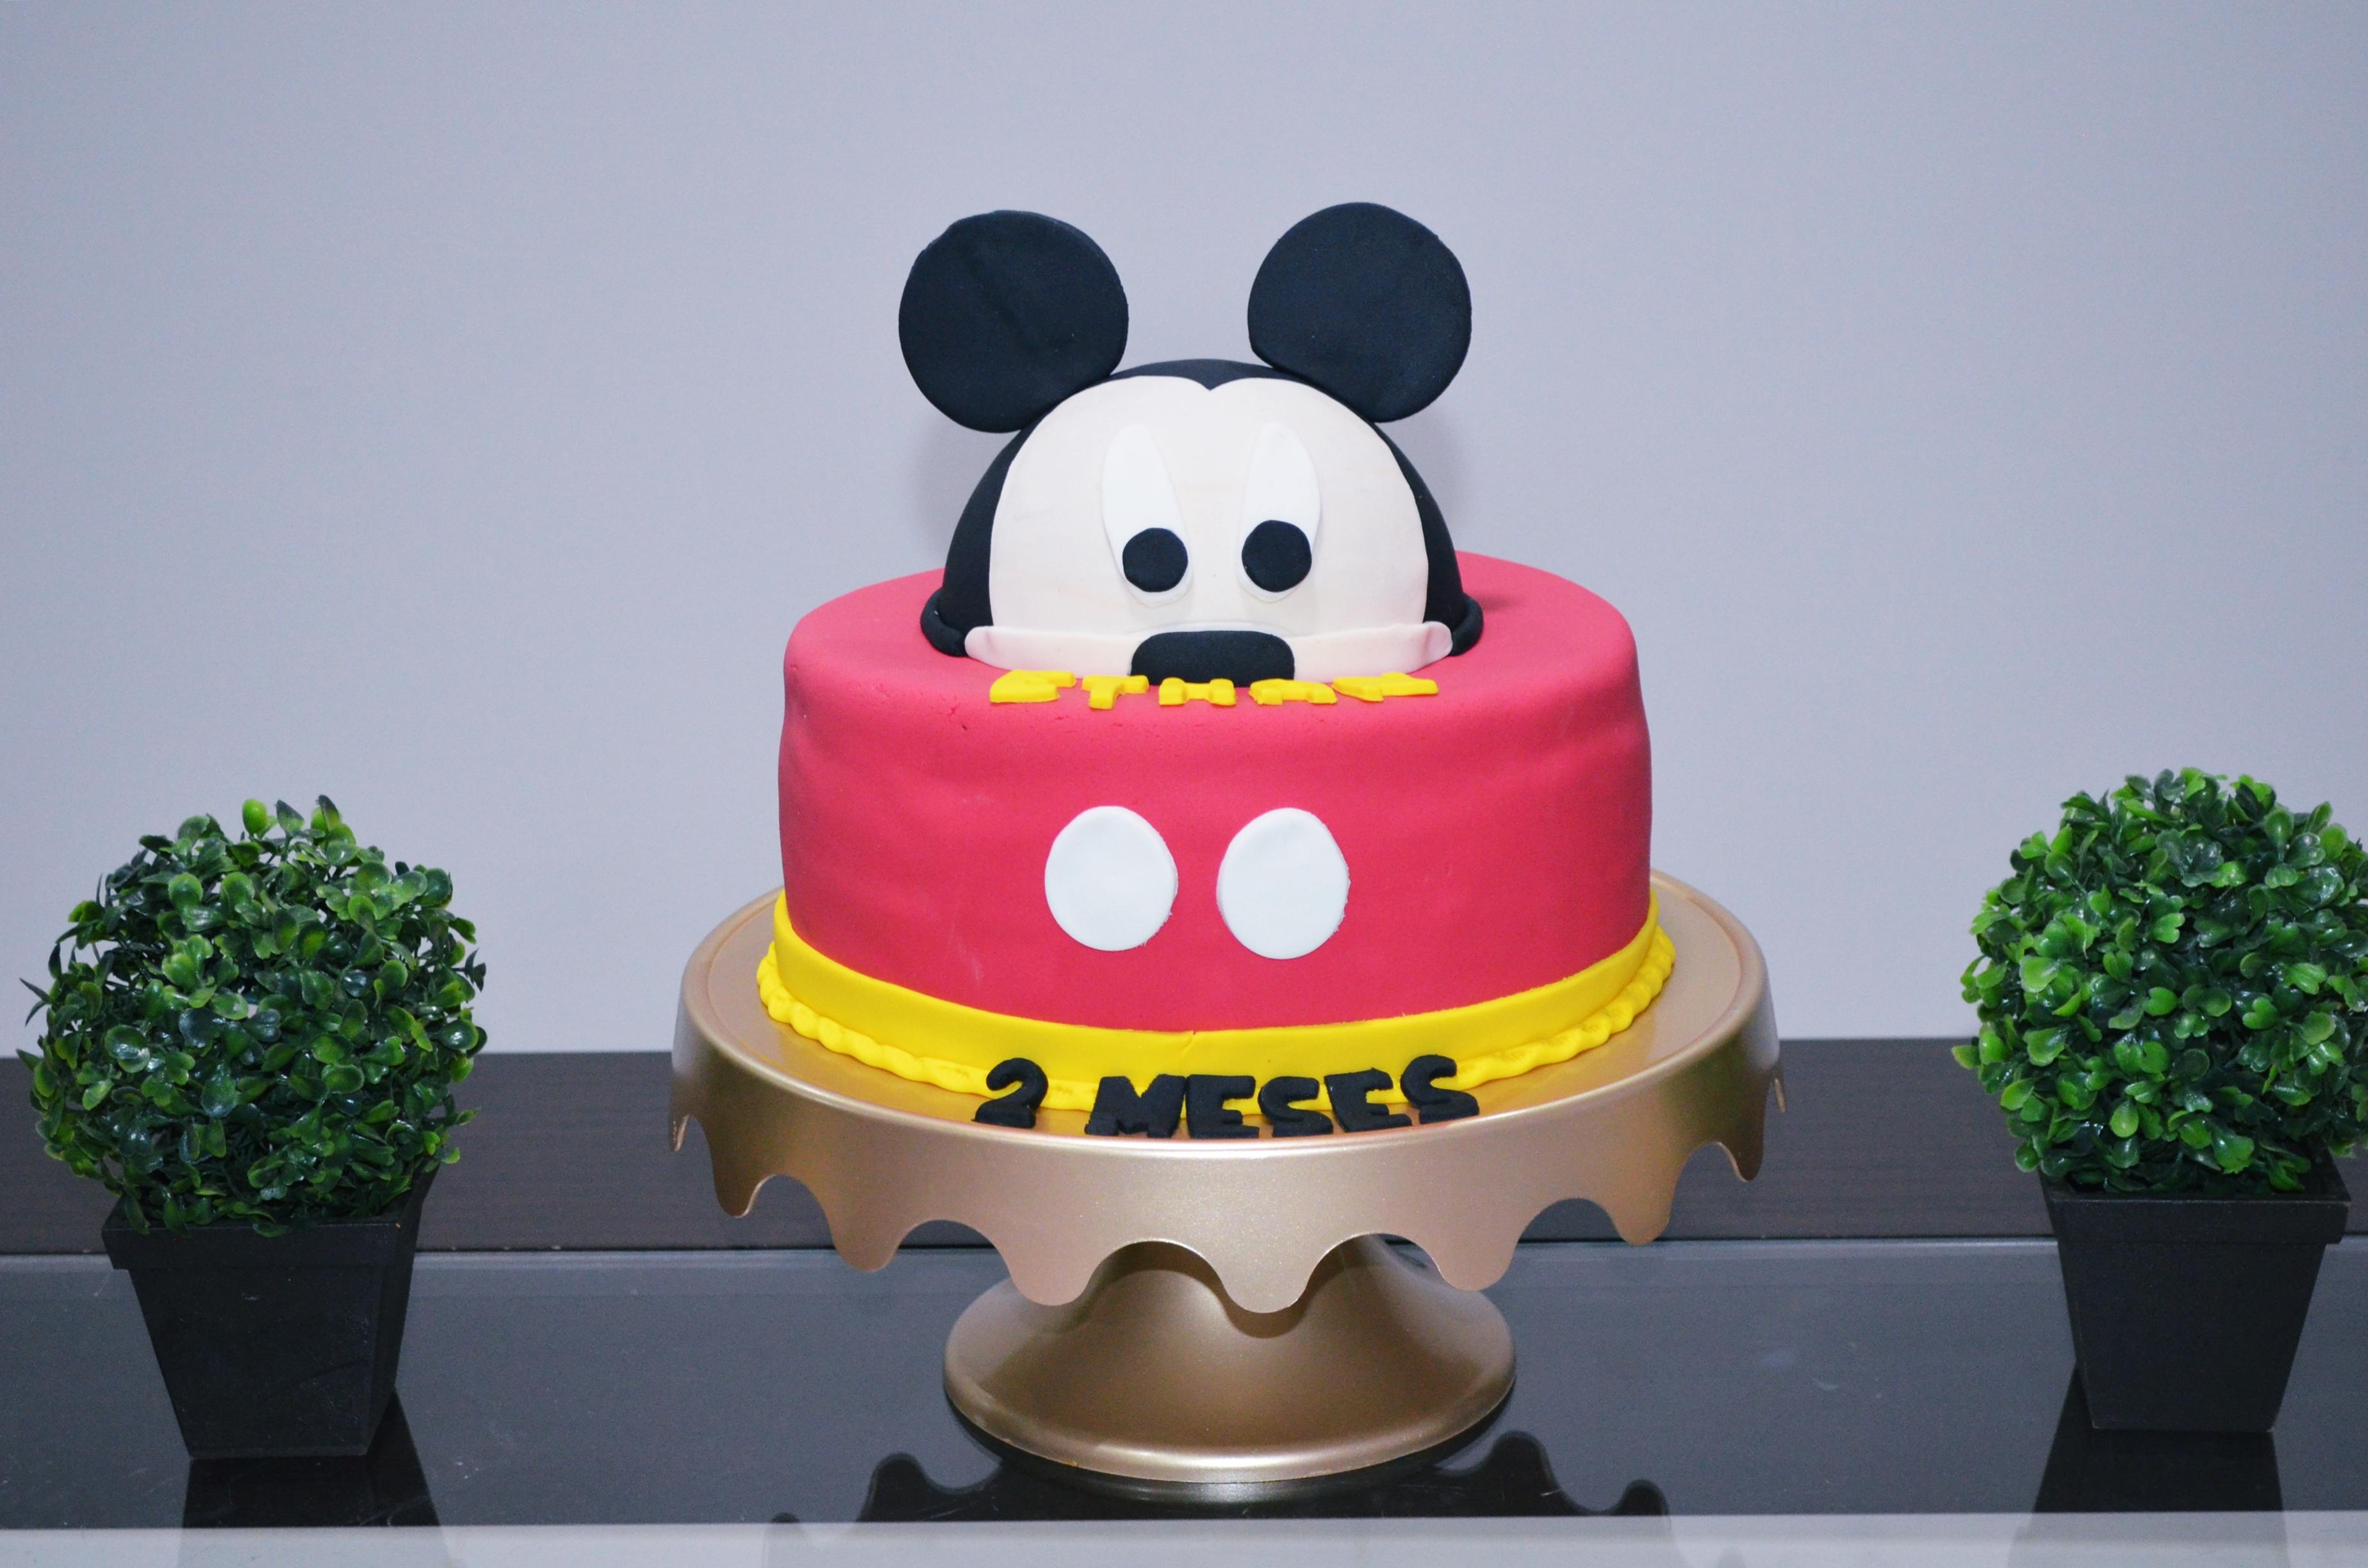 2 mesversario baby ethan - tema mickey mouse 5